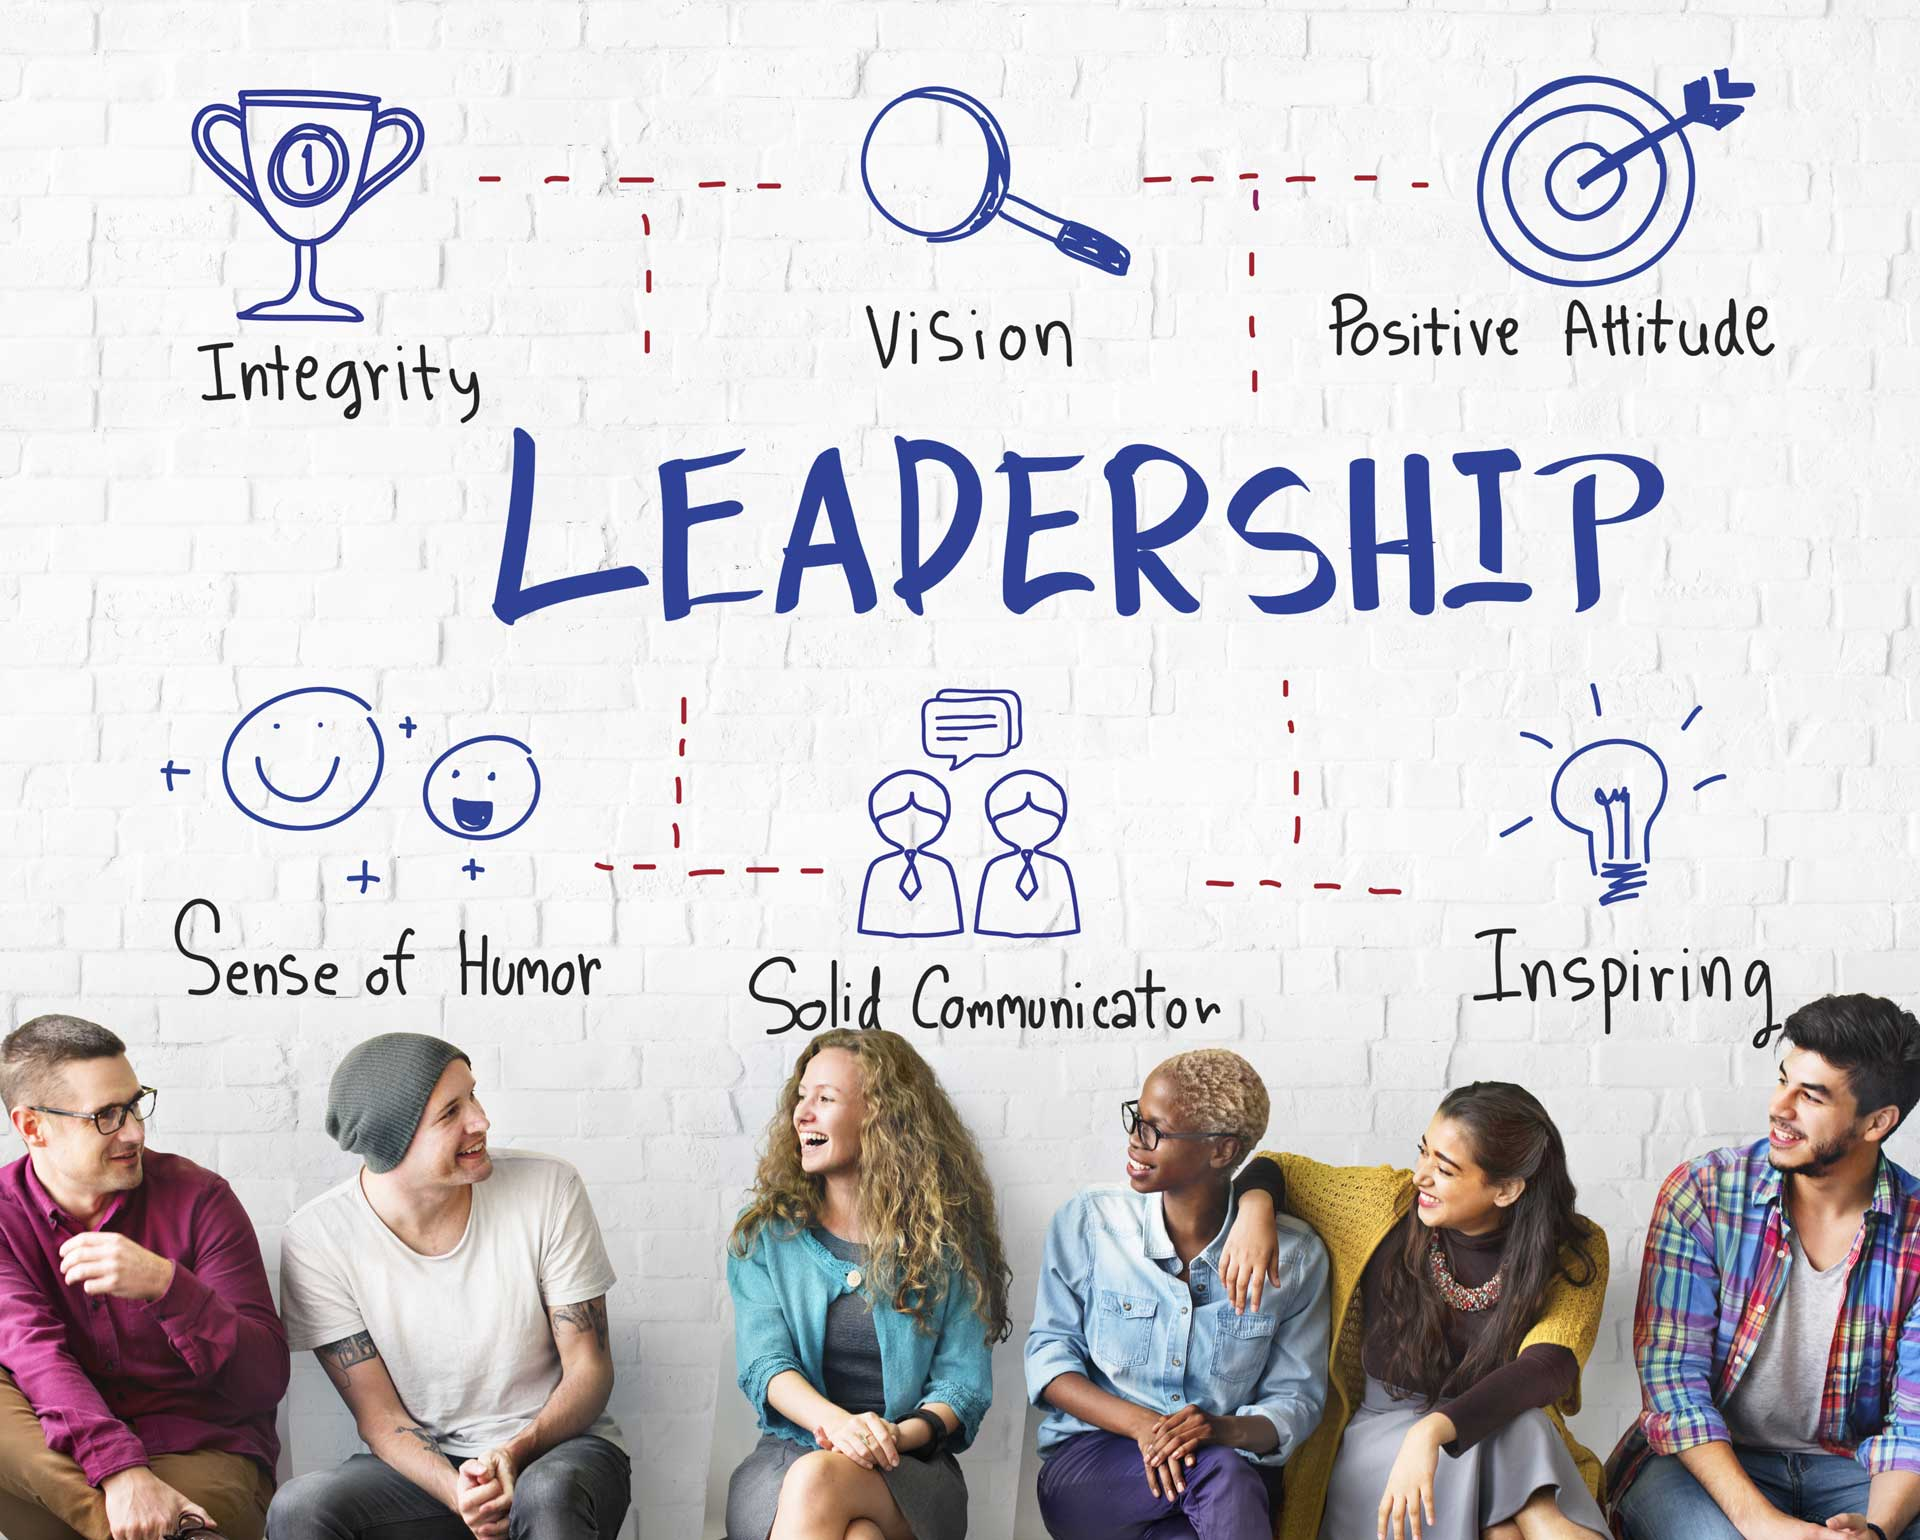 Die neue Wege Ziele zu finden, Zielvisionen und Purpose